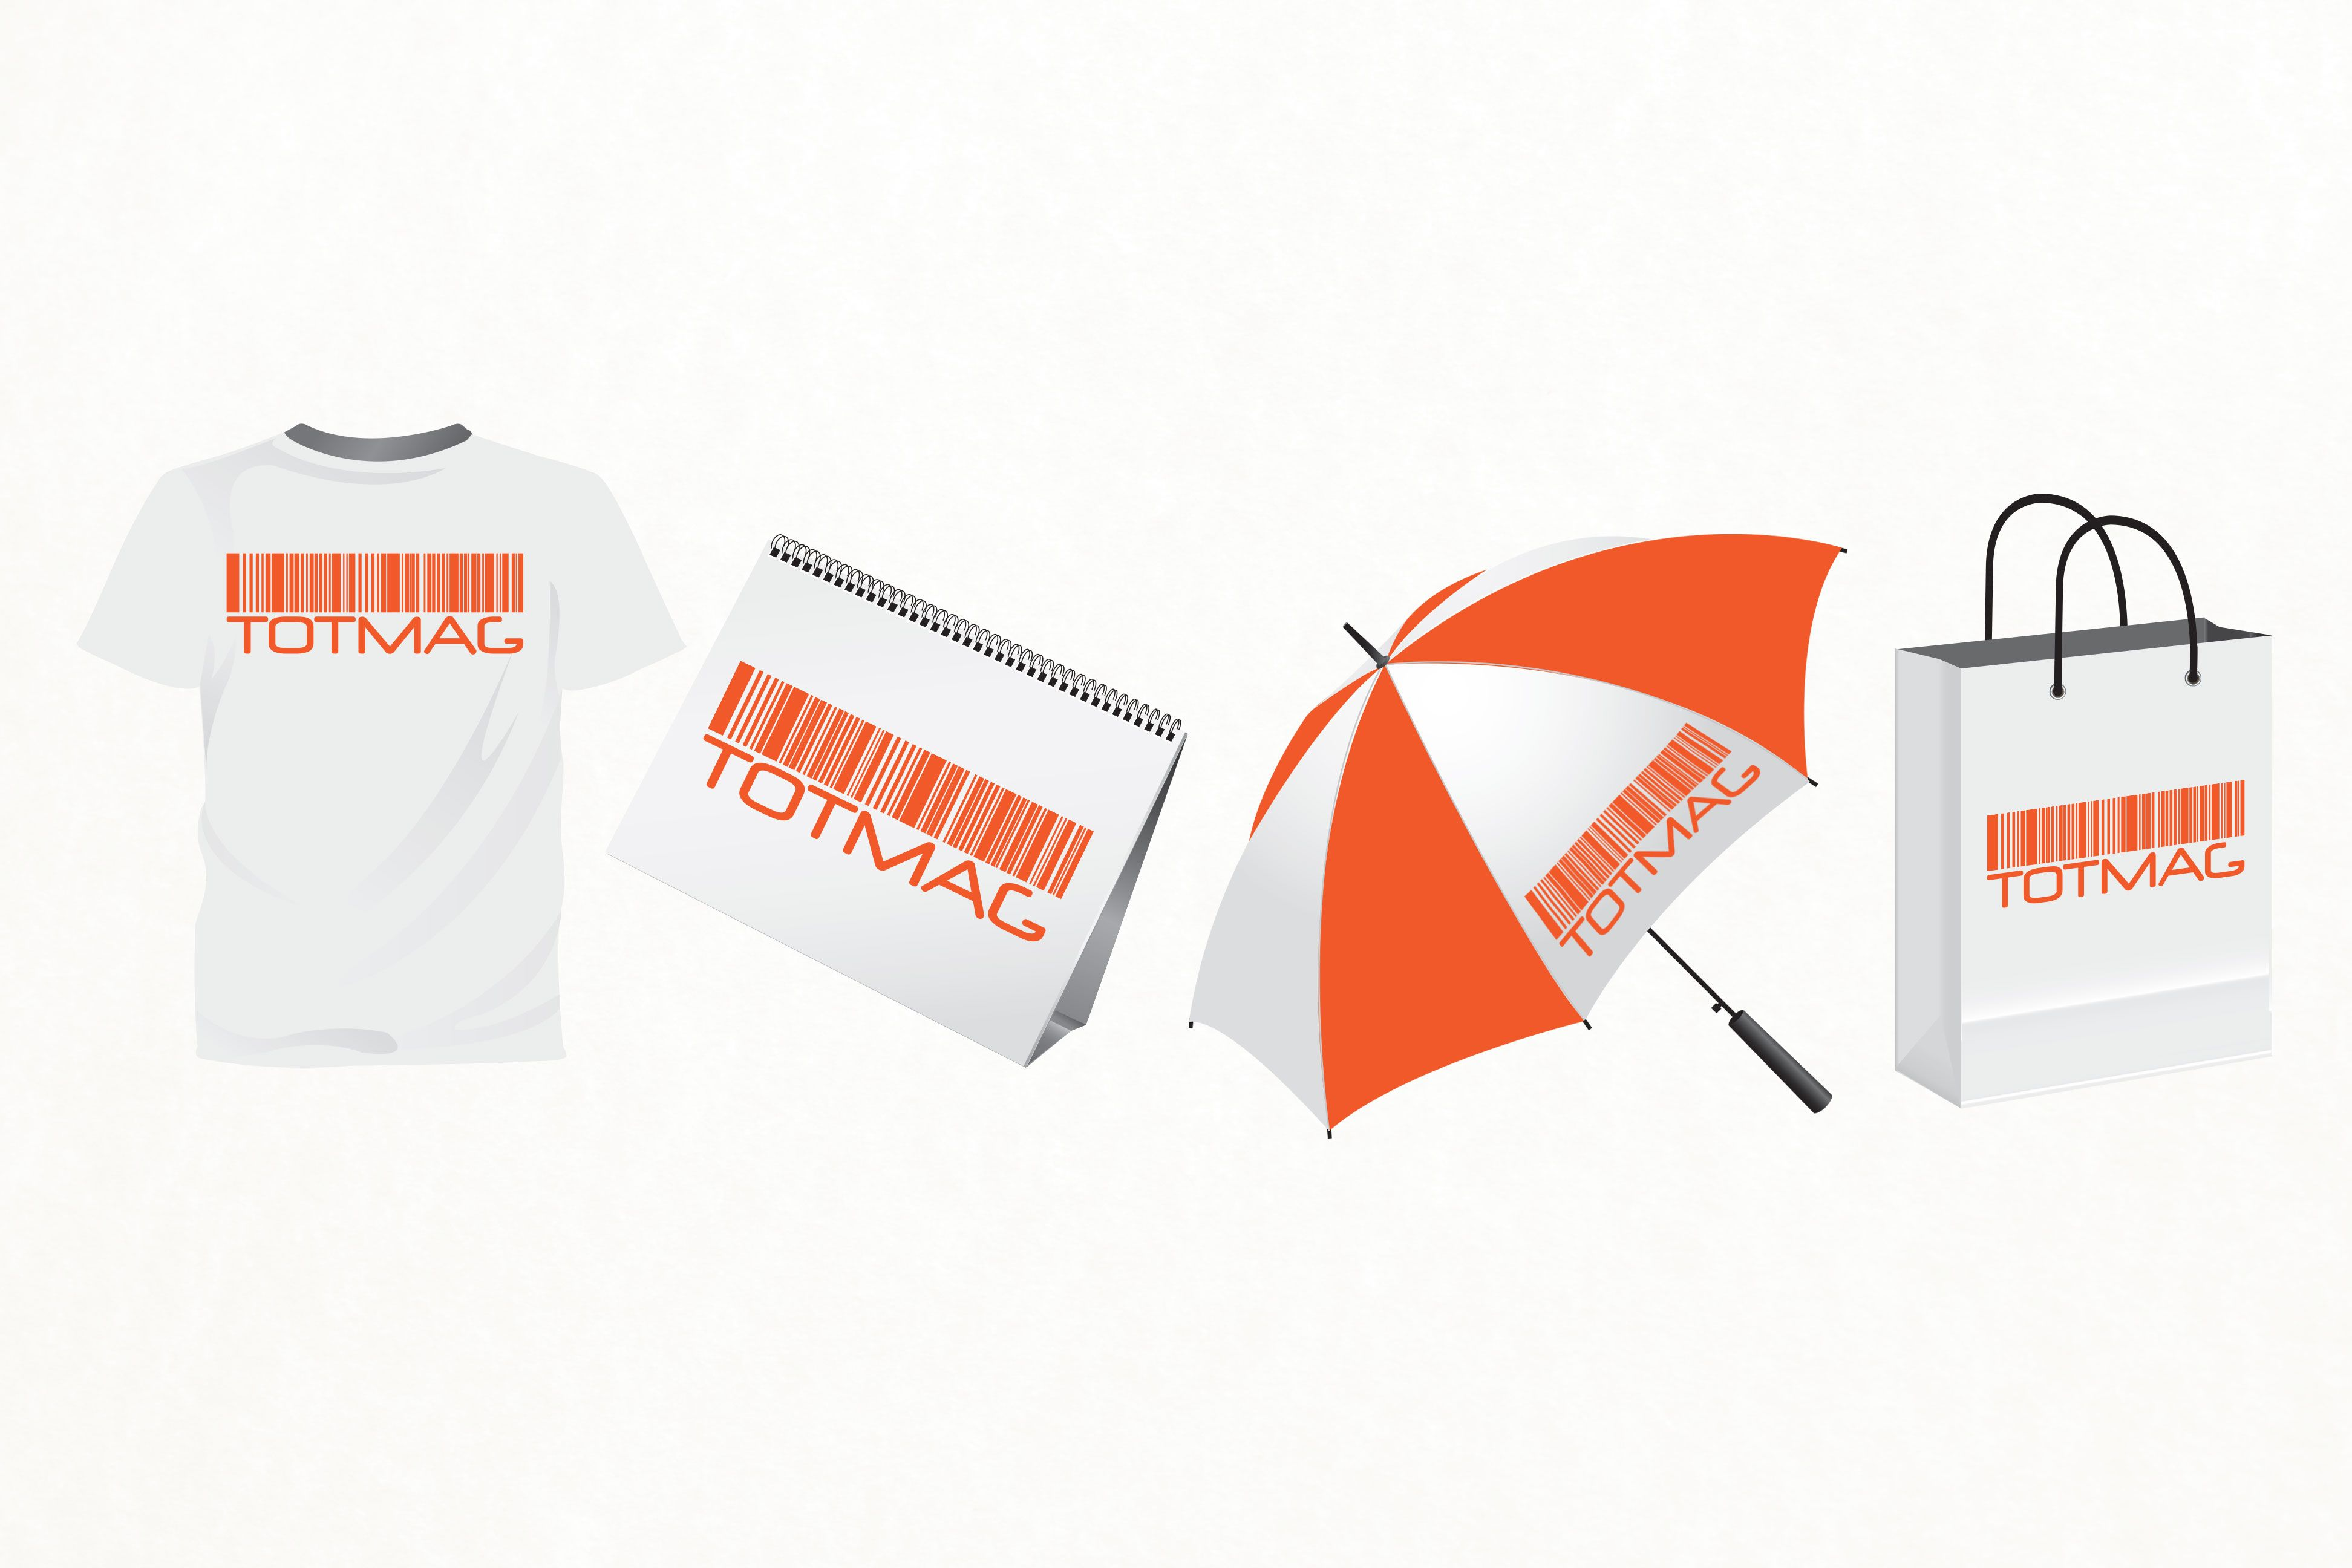 Логотип для интернет магазина totmag.ru - дизайнер antoxa1911